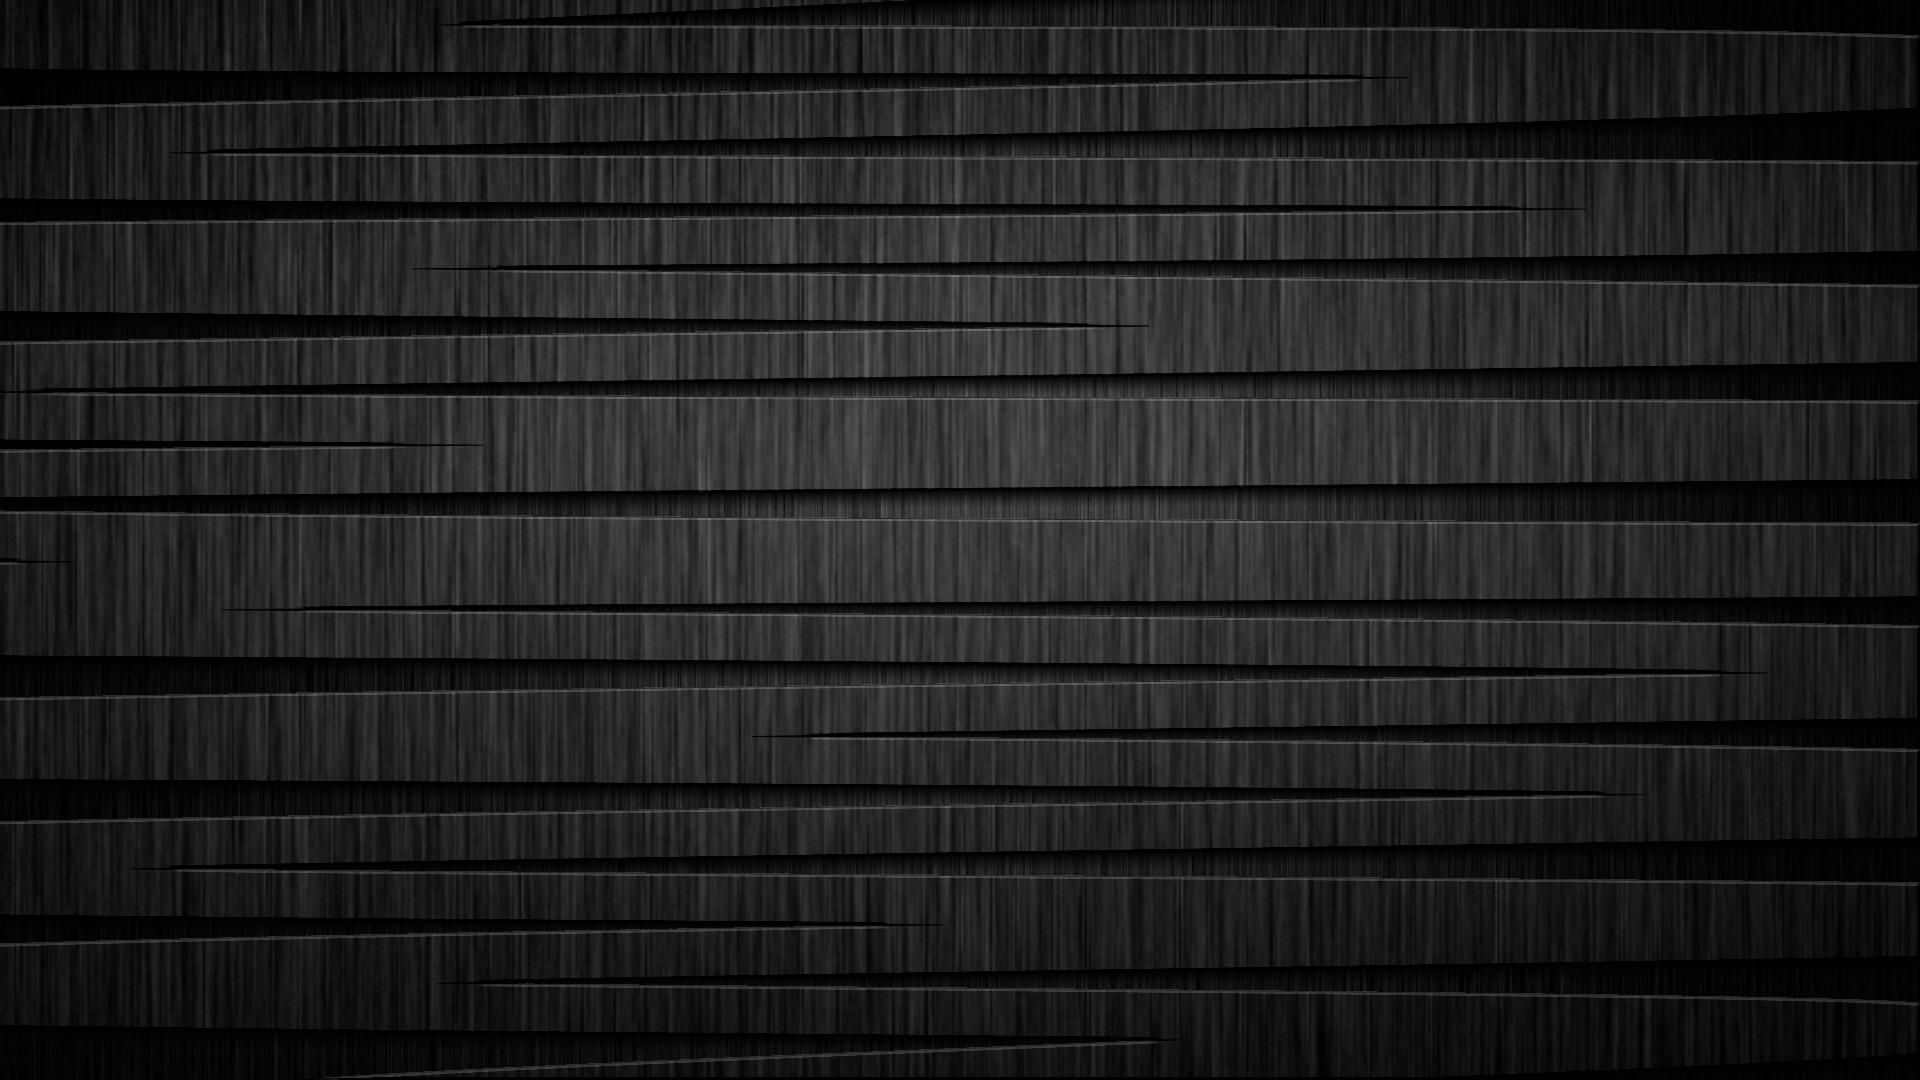 Fondo-negro-con-estructura-en-lineas-746551